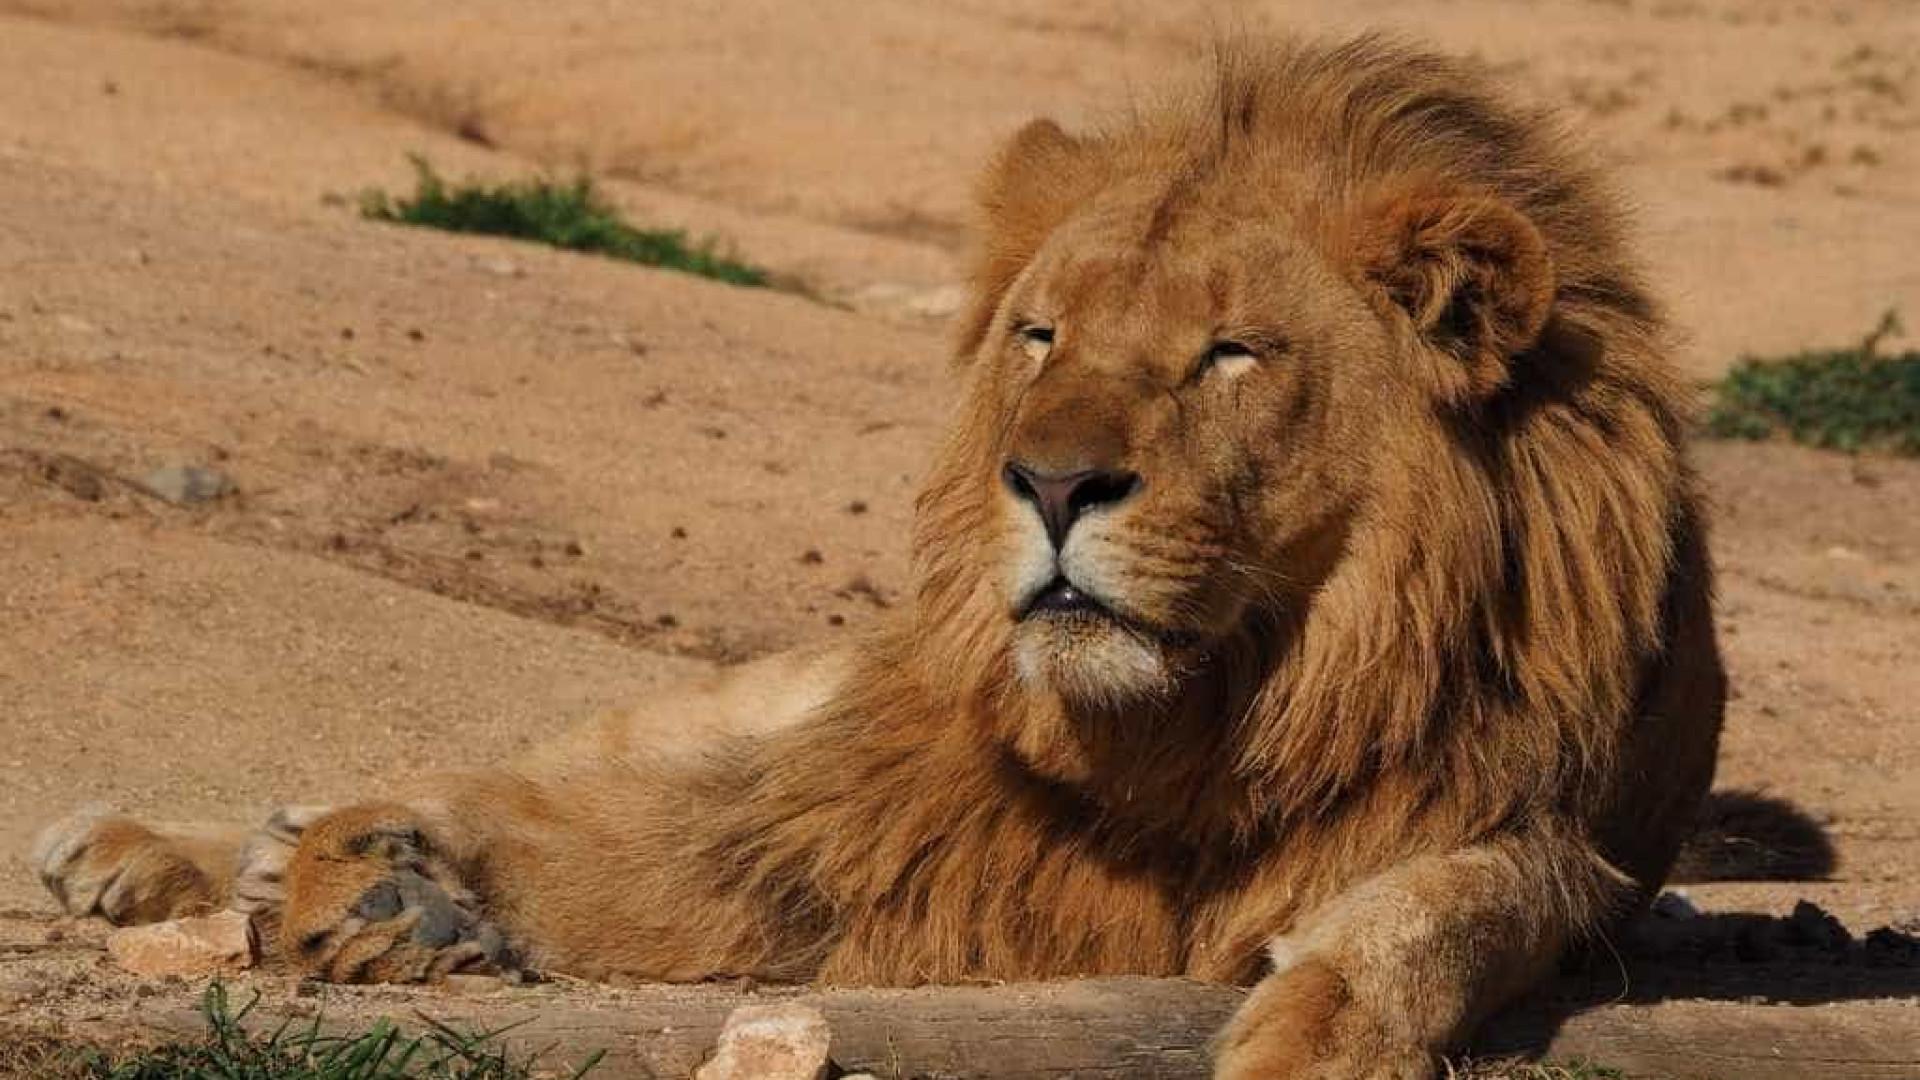 SABIA QUE há um belo santuário de felinos na África do Sul?